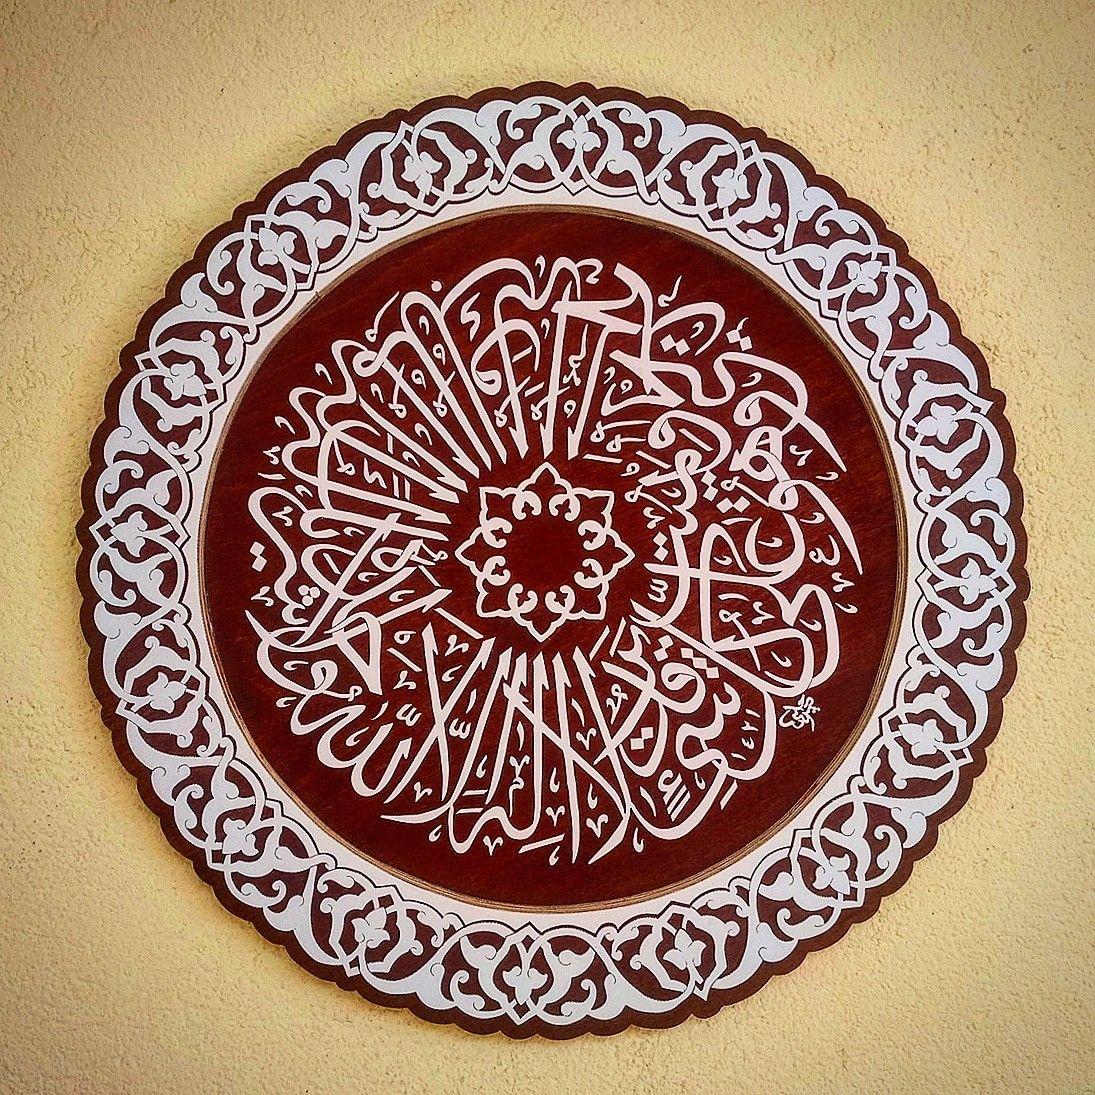 Kelimei Tevhid La Ilahe Illallahu Vahdehu La Serike Leh Lehul Mulku Ve Lehul Hamdu Yuhyi Ve Yumitu Islami Sanat Islam Hat Sanati Sanat